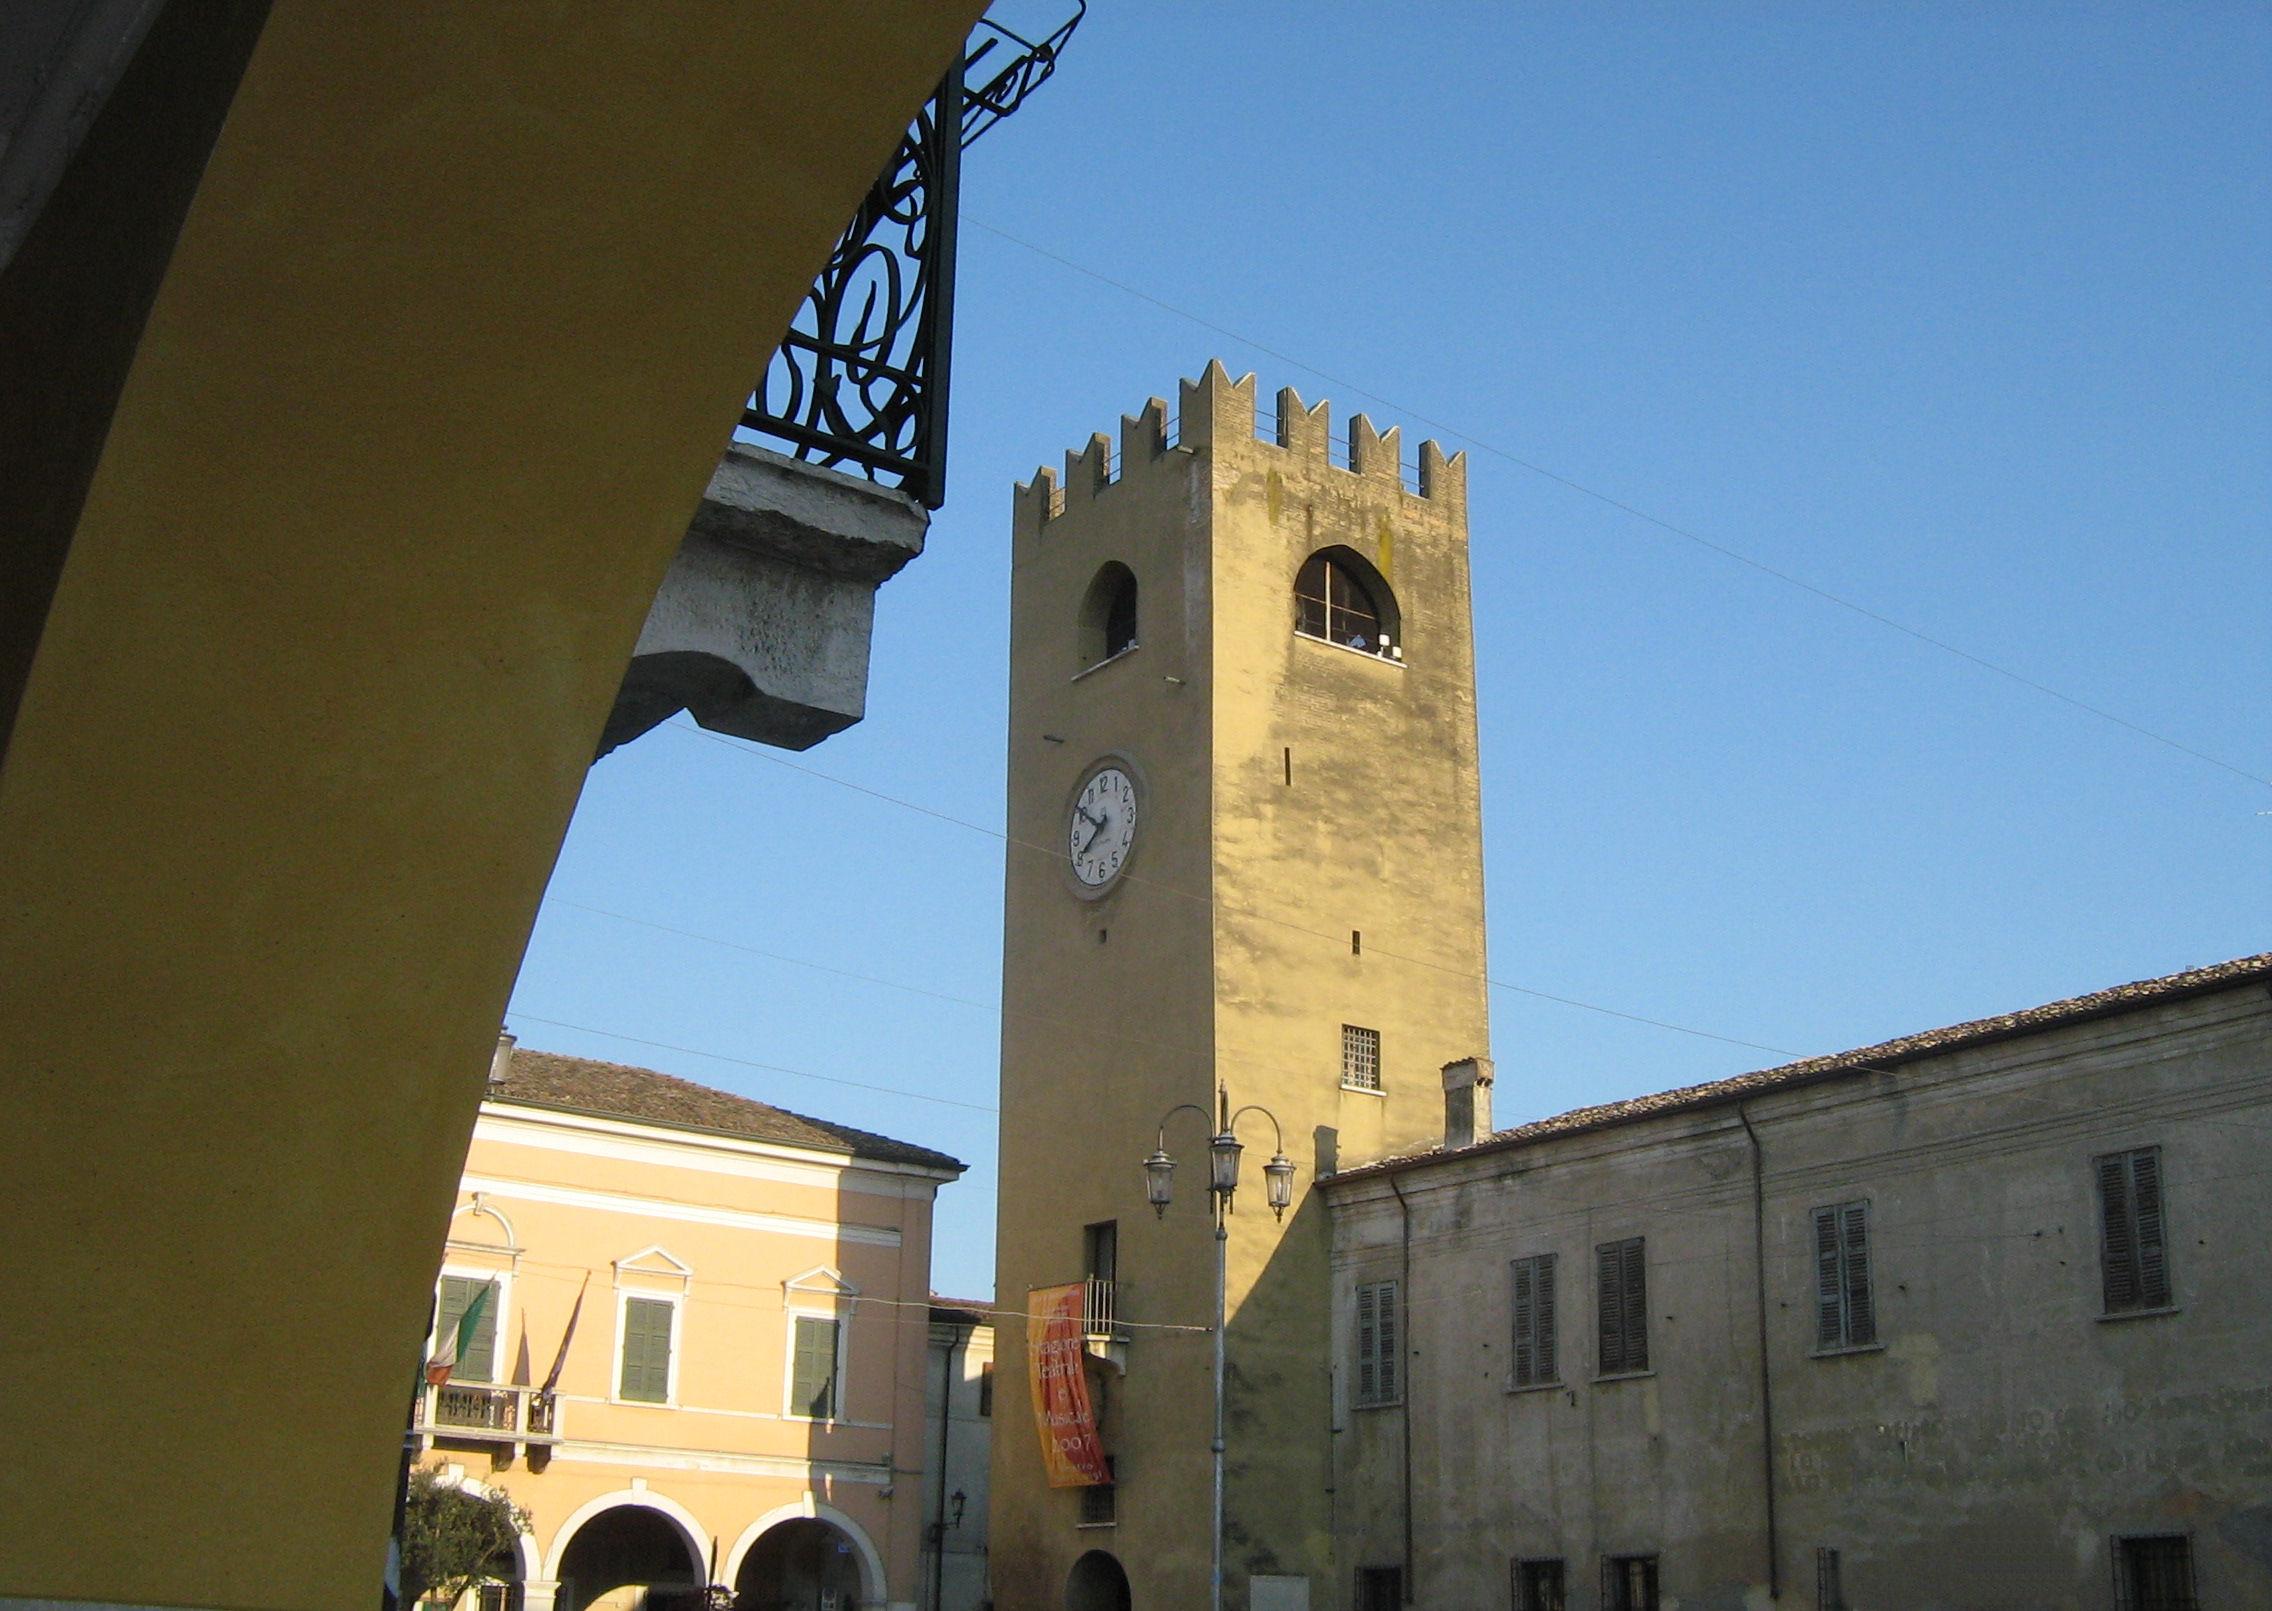 Castel Goffredo Piazza Mazzini